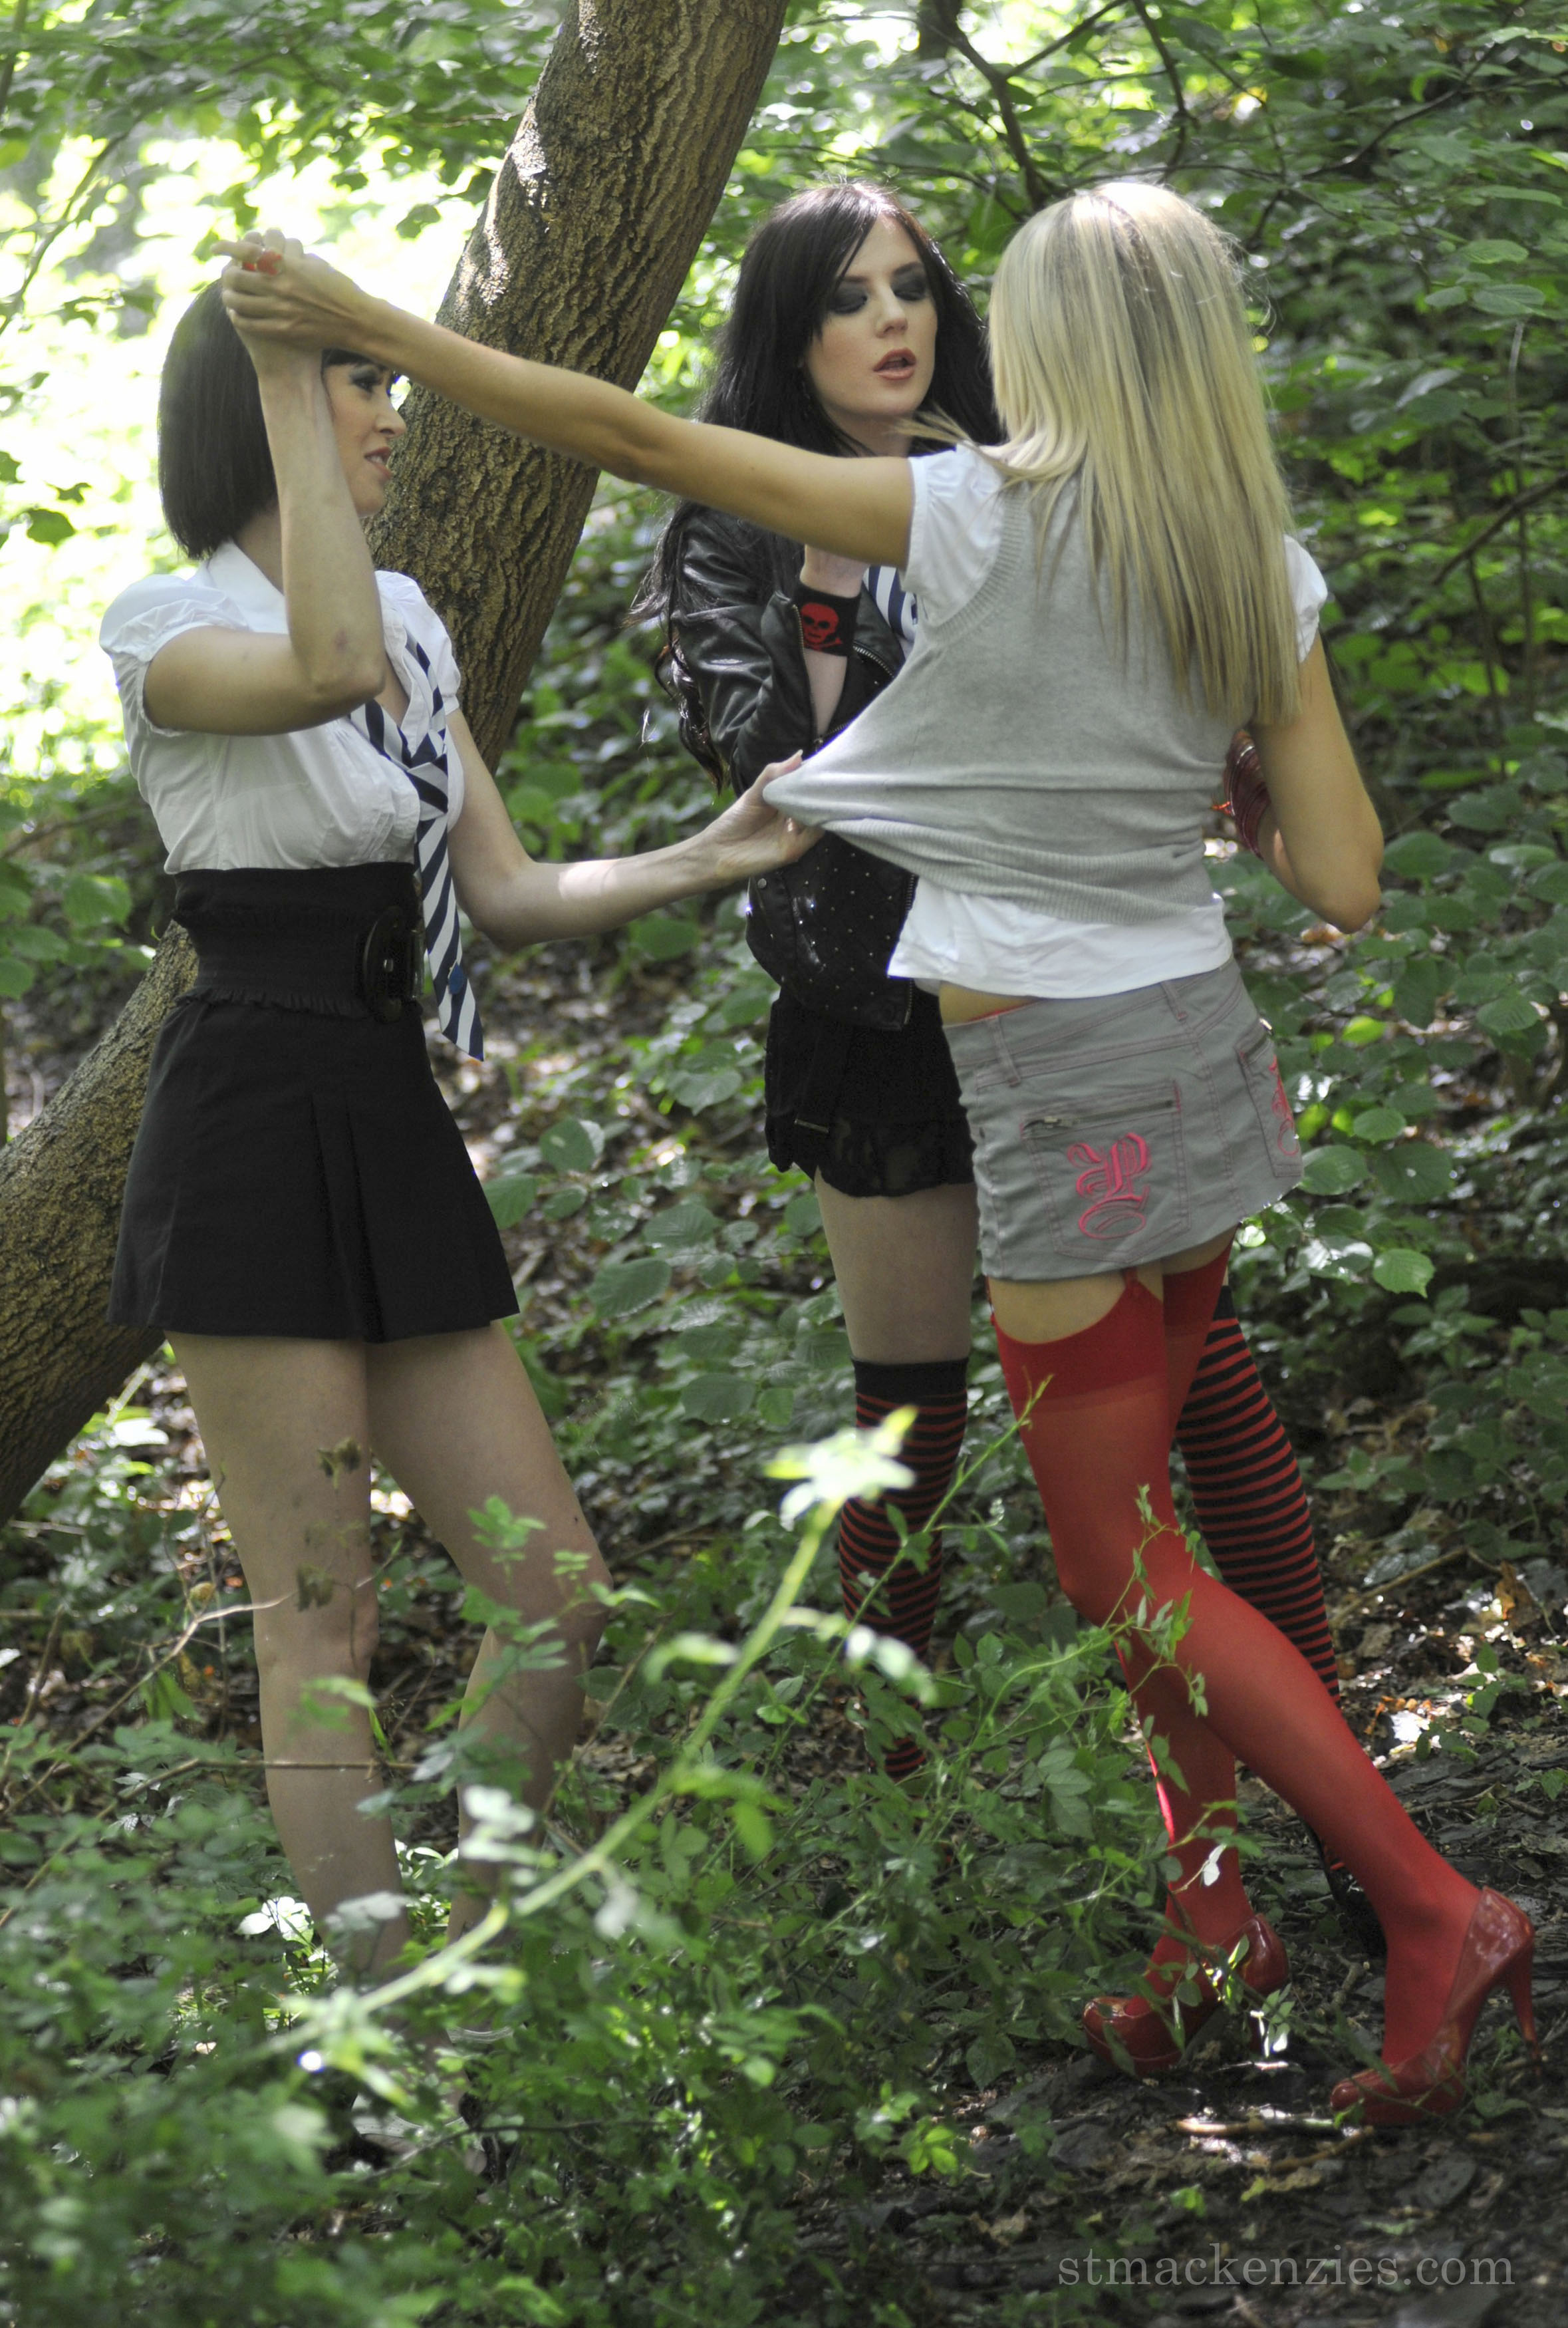 Фото связанная в лесу 7 фотография